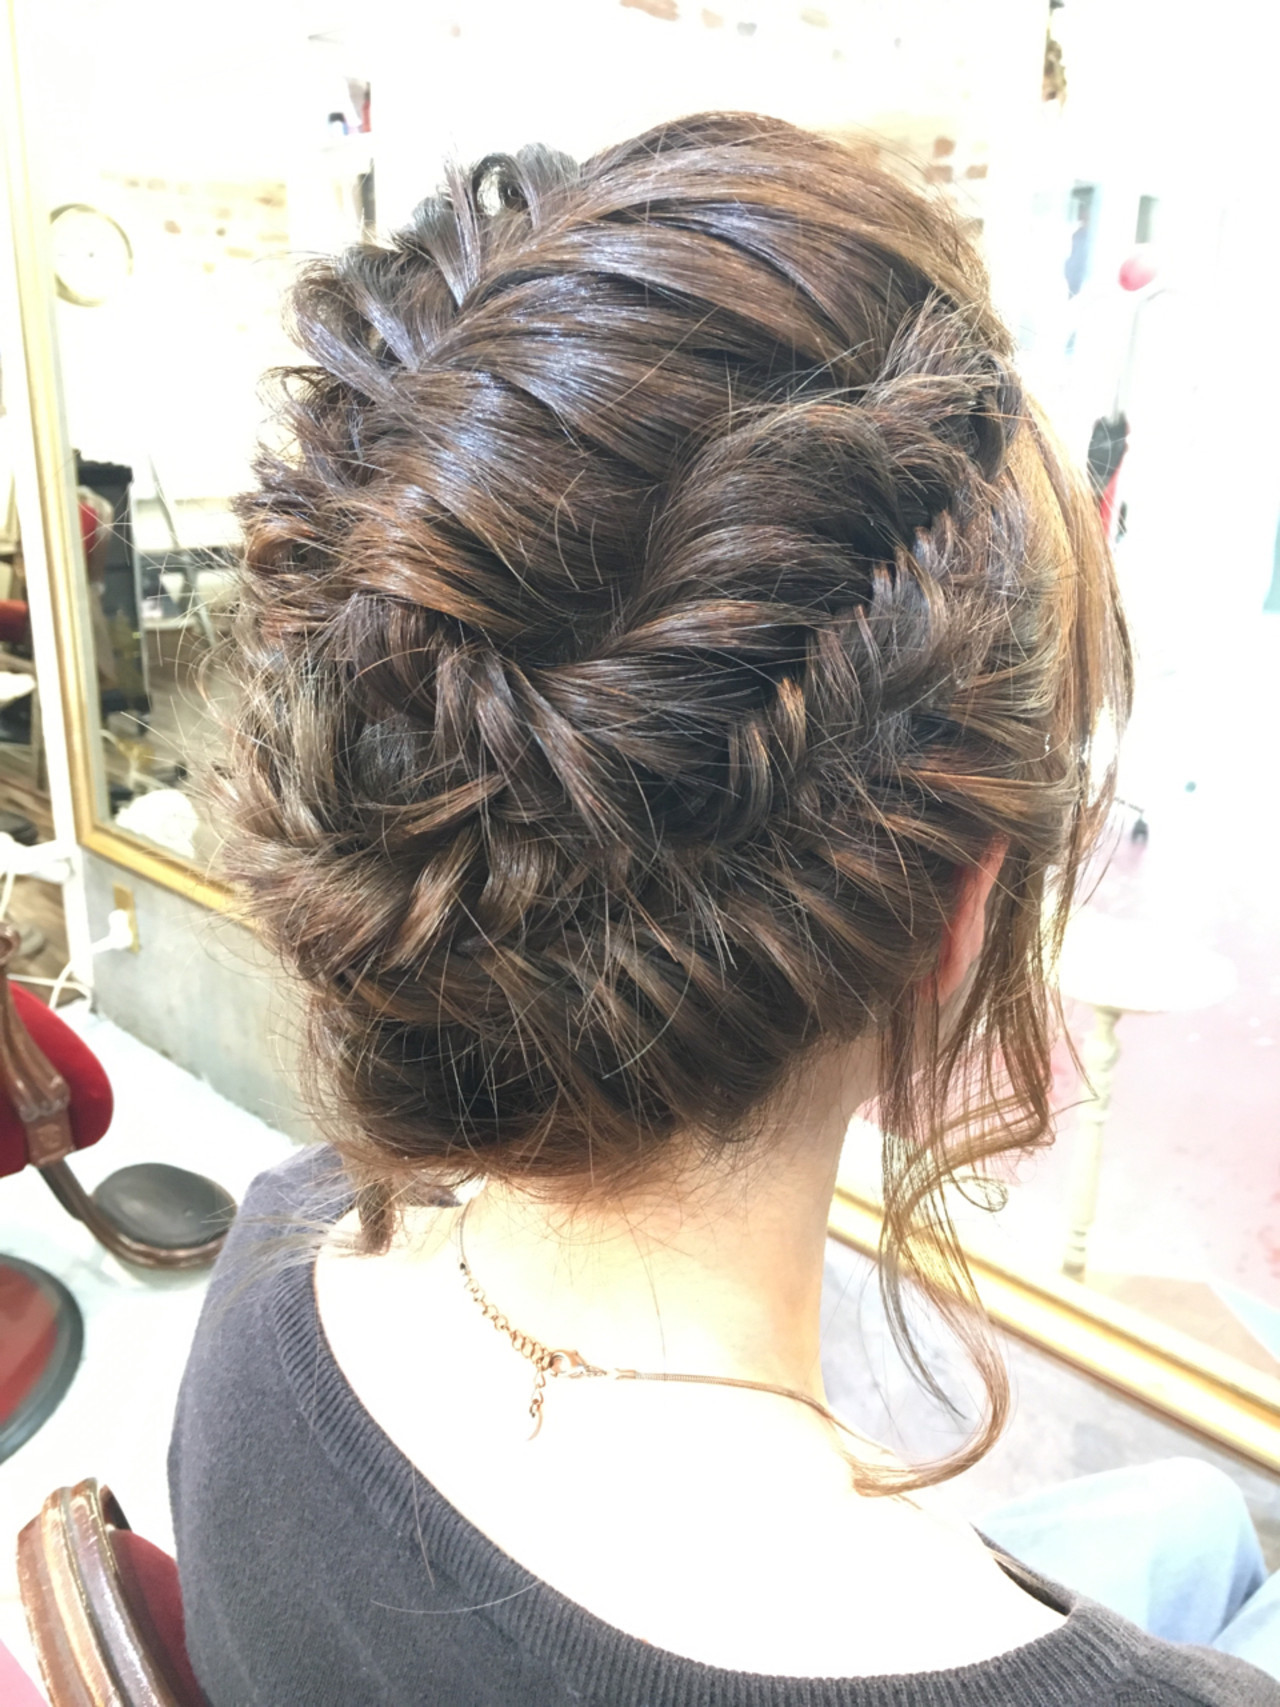 簡単ヘアアレンジ ミディアム 編み込み 大人かわいい ヘアスタイルや髪型の写真・画像